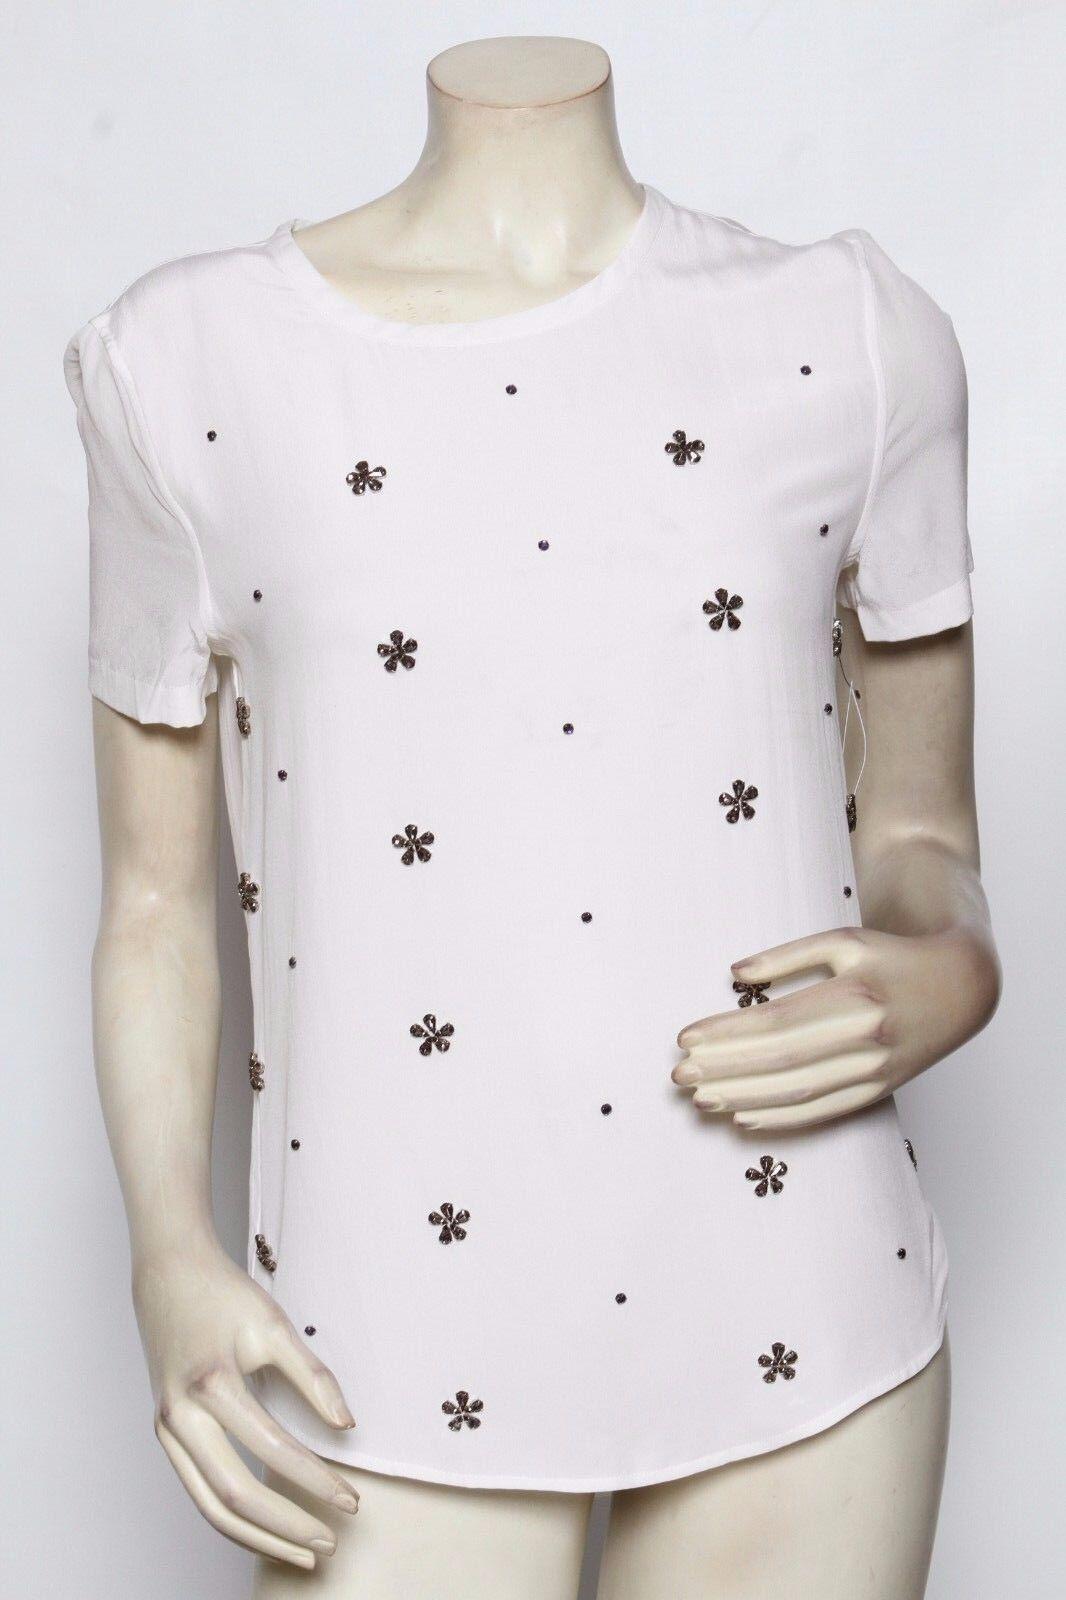 EQUIPMännerT Weiß Silk Beaded NORDSTROM oben Hemd - Größe XS